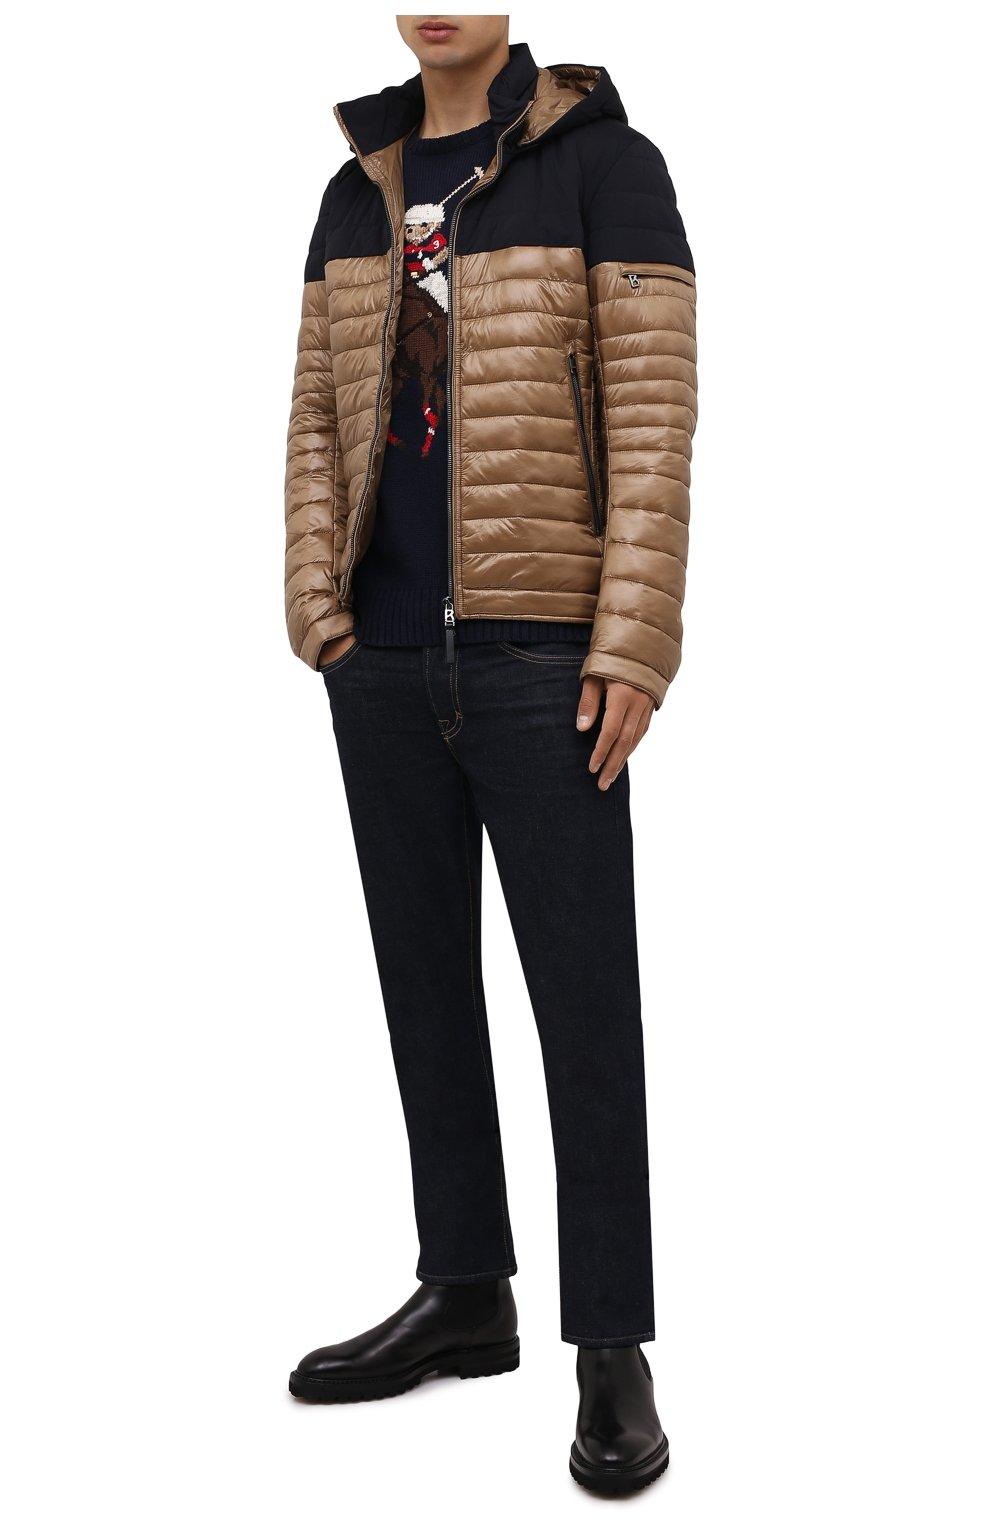 Мужская утепленная куртка BOGNER коричневого цвета, арт. 38006550 | Фото 2 (Кросс-КТ: Куртка; Мужское Кросс-КТ: пуховик-короткий; Рукава: Длинные; Материал внешний: Синтетический материал; Длина (верхняя одежда): Короткие; Стили: Кэжуэл)